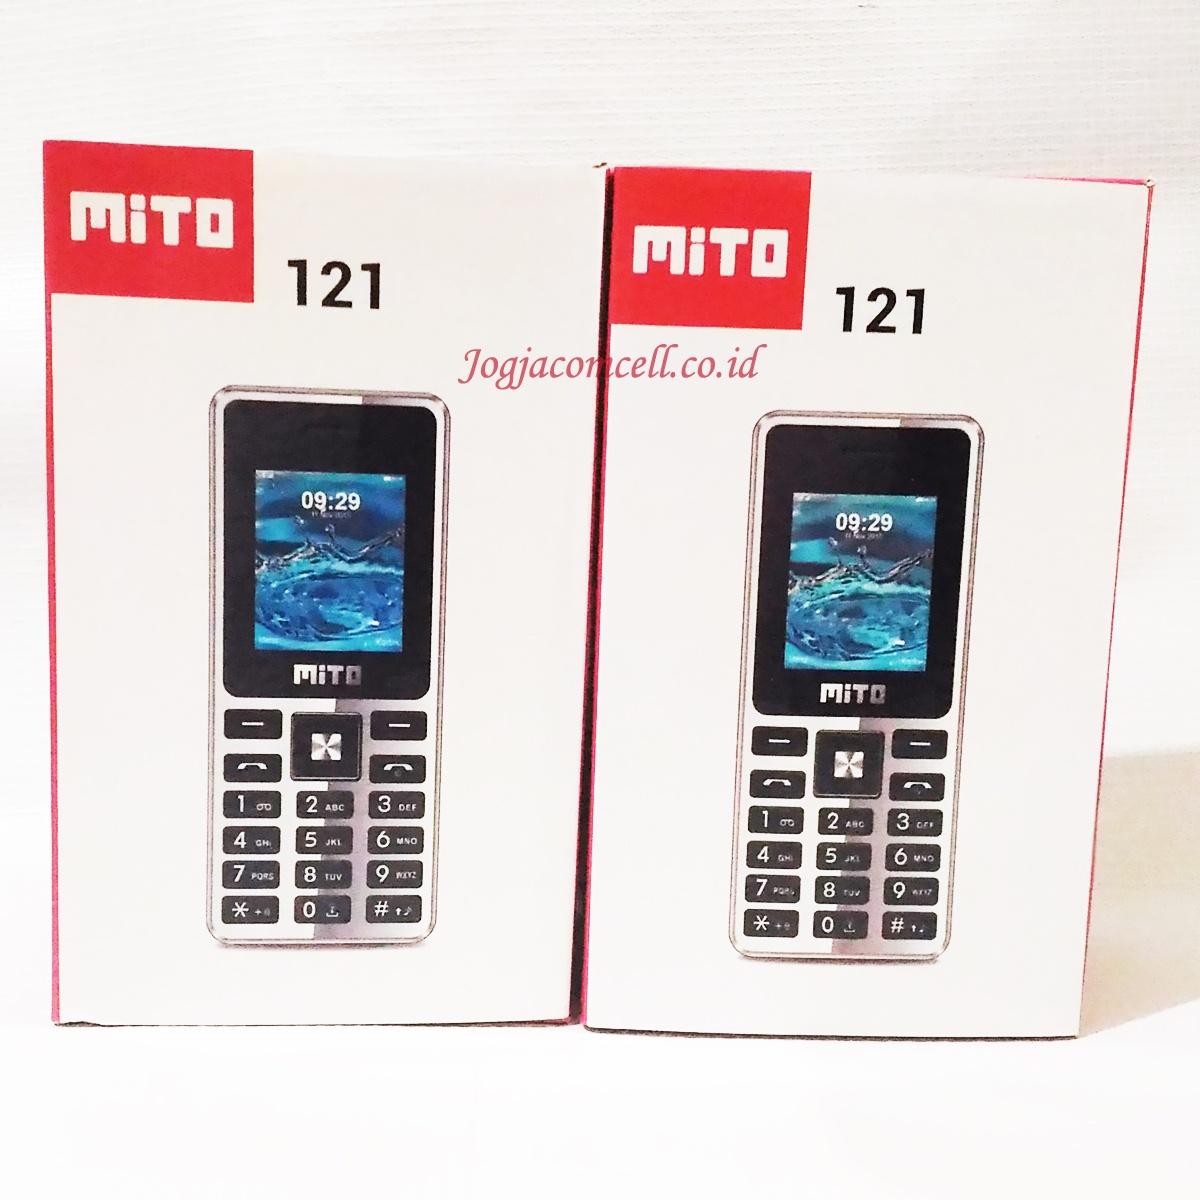 MITO-121